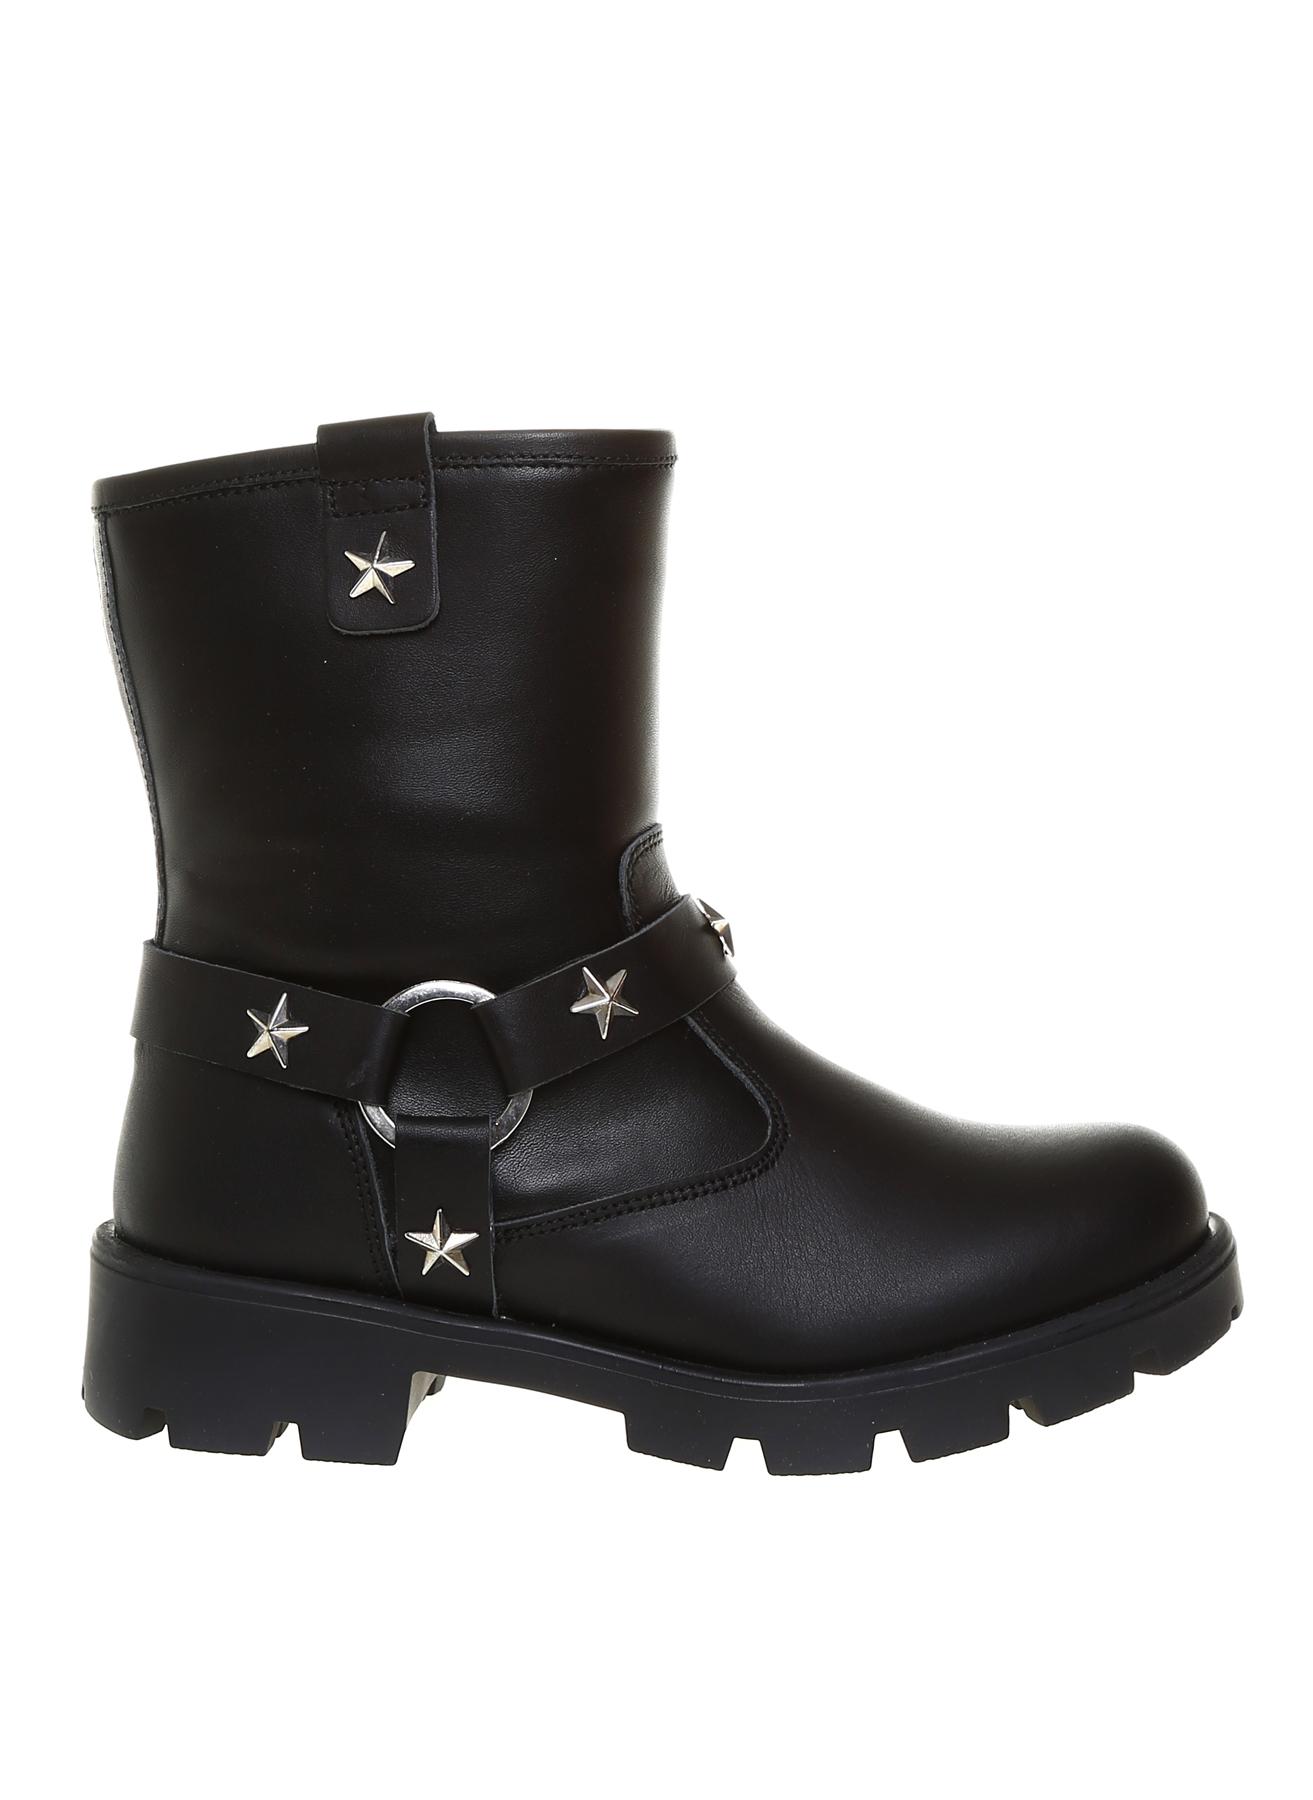 35 Kadın Siyah Pink&Orange Kız Çocuk Zımba Detaylı Deri Bot 5001915980005 Ayakkabı Çanta Ayakkabıları Çizmeler